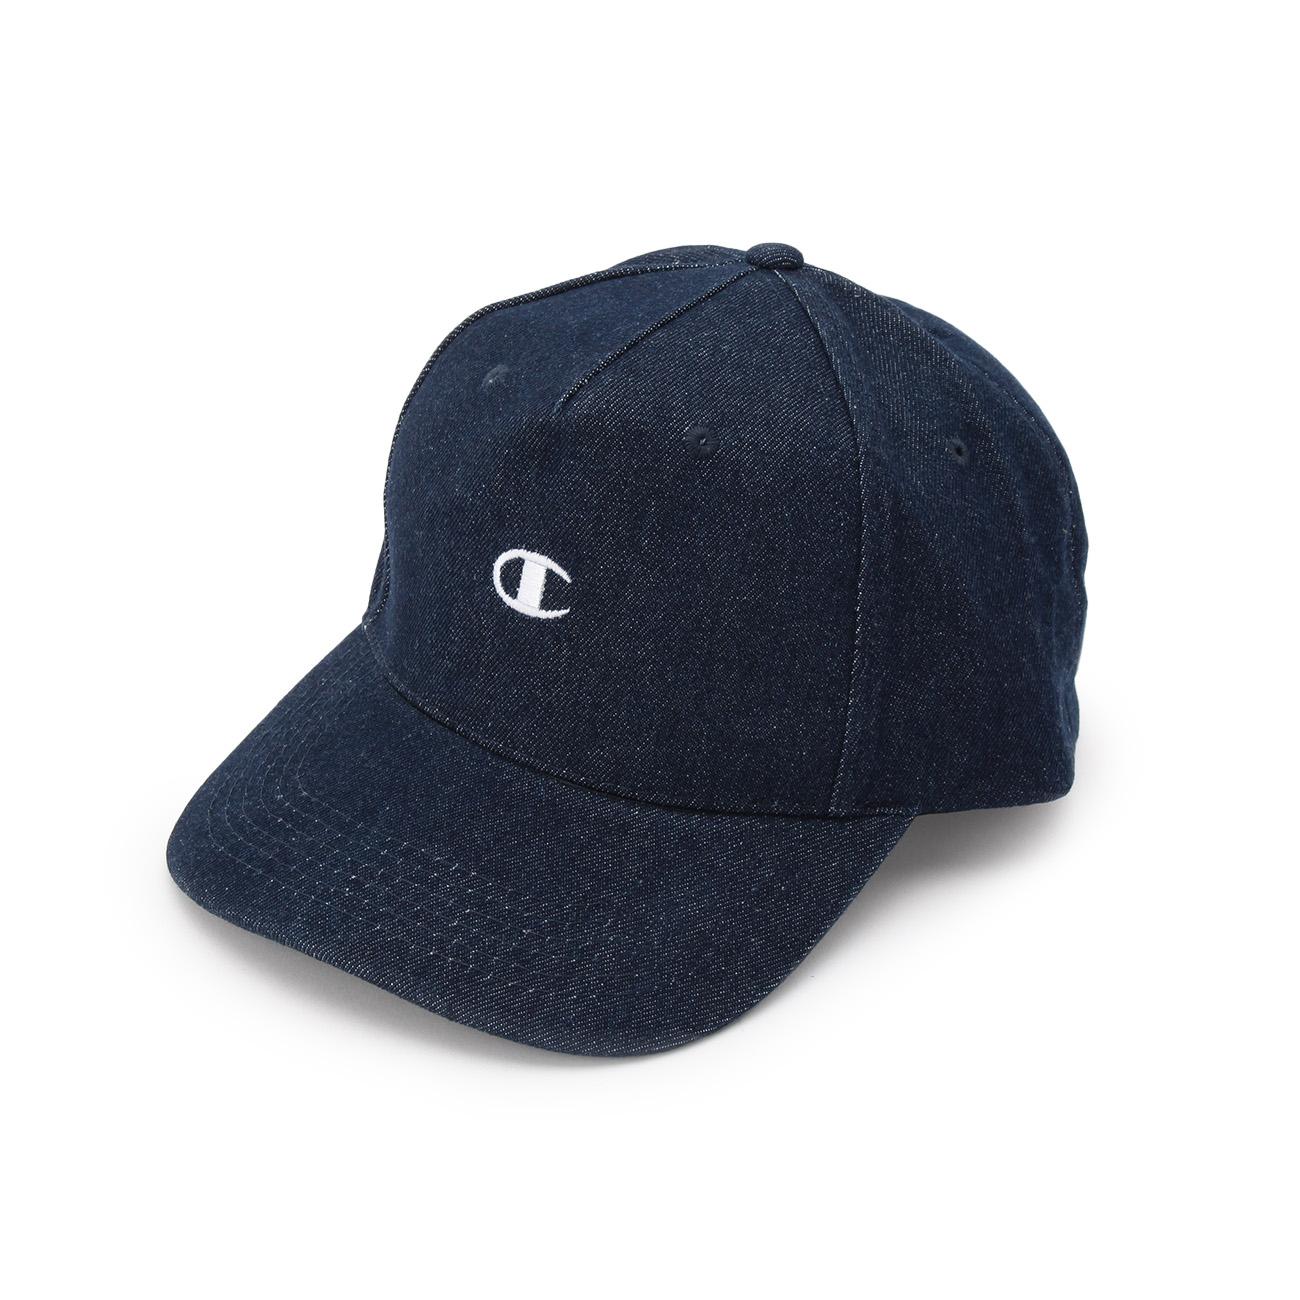 【BASECONTROL (ベース コントロール)】【ユニセックス】CHAMPION/チャンピオン ロゴキャップメンズ 帽子|キャップ ネイビー